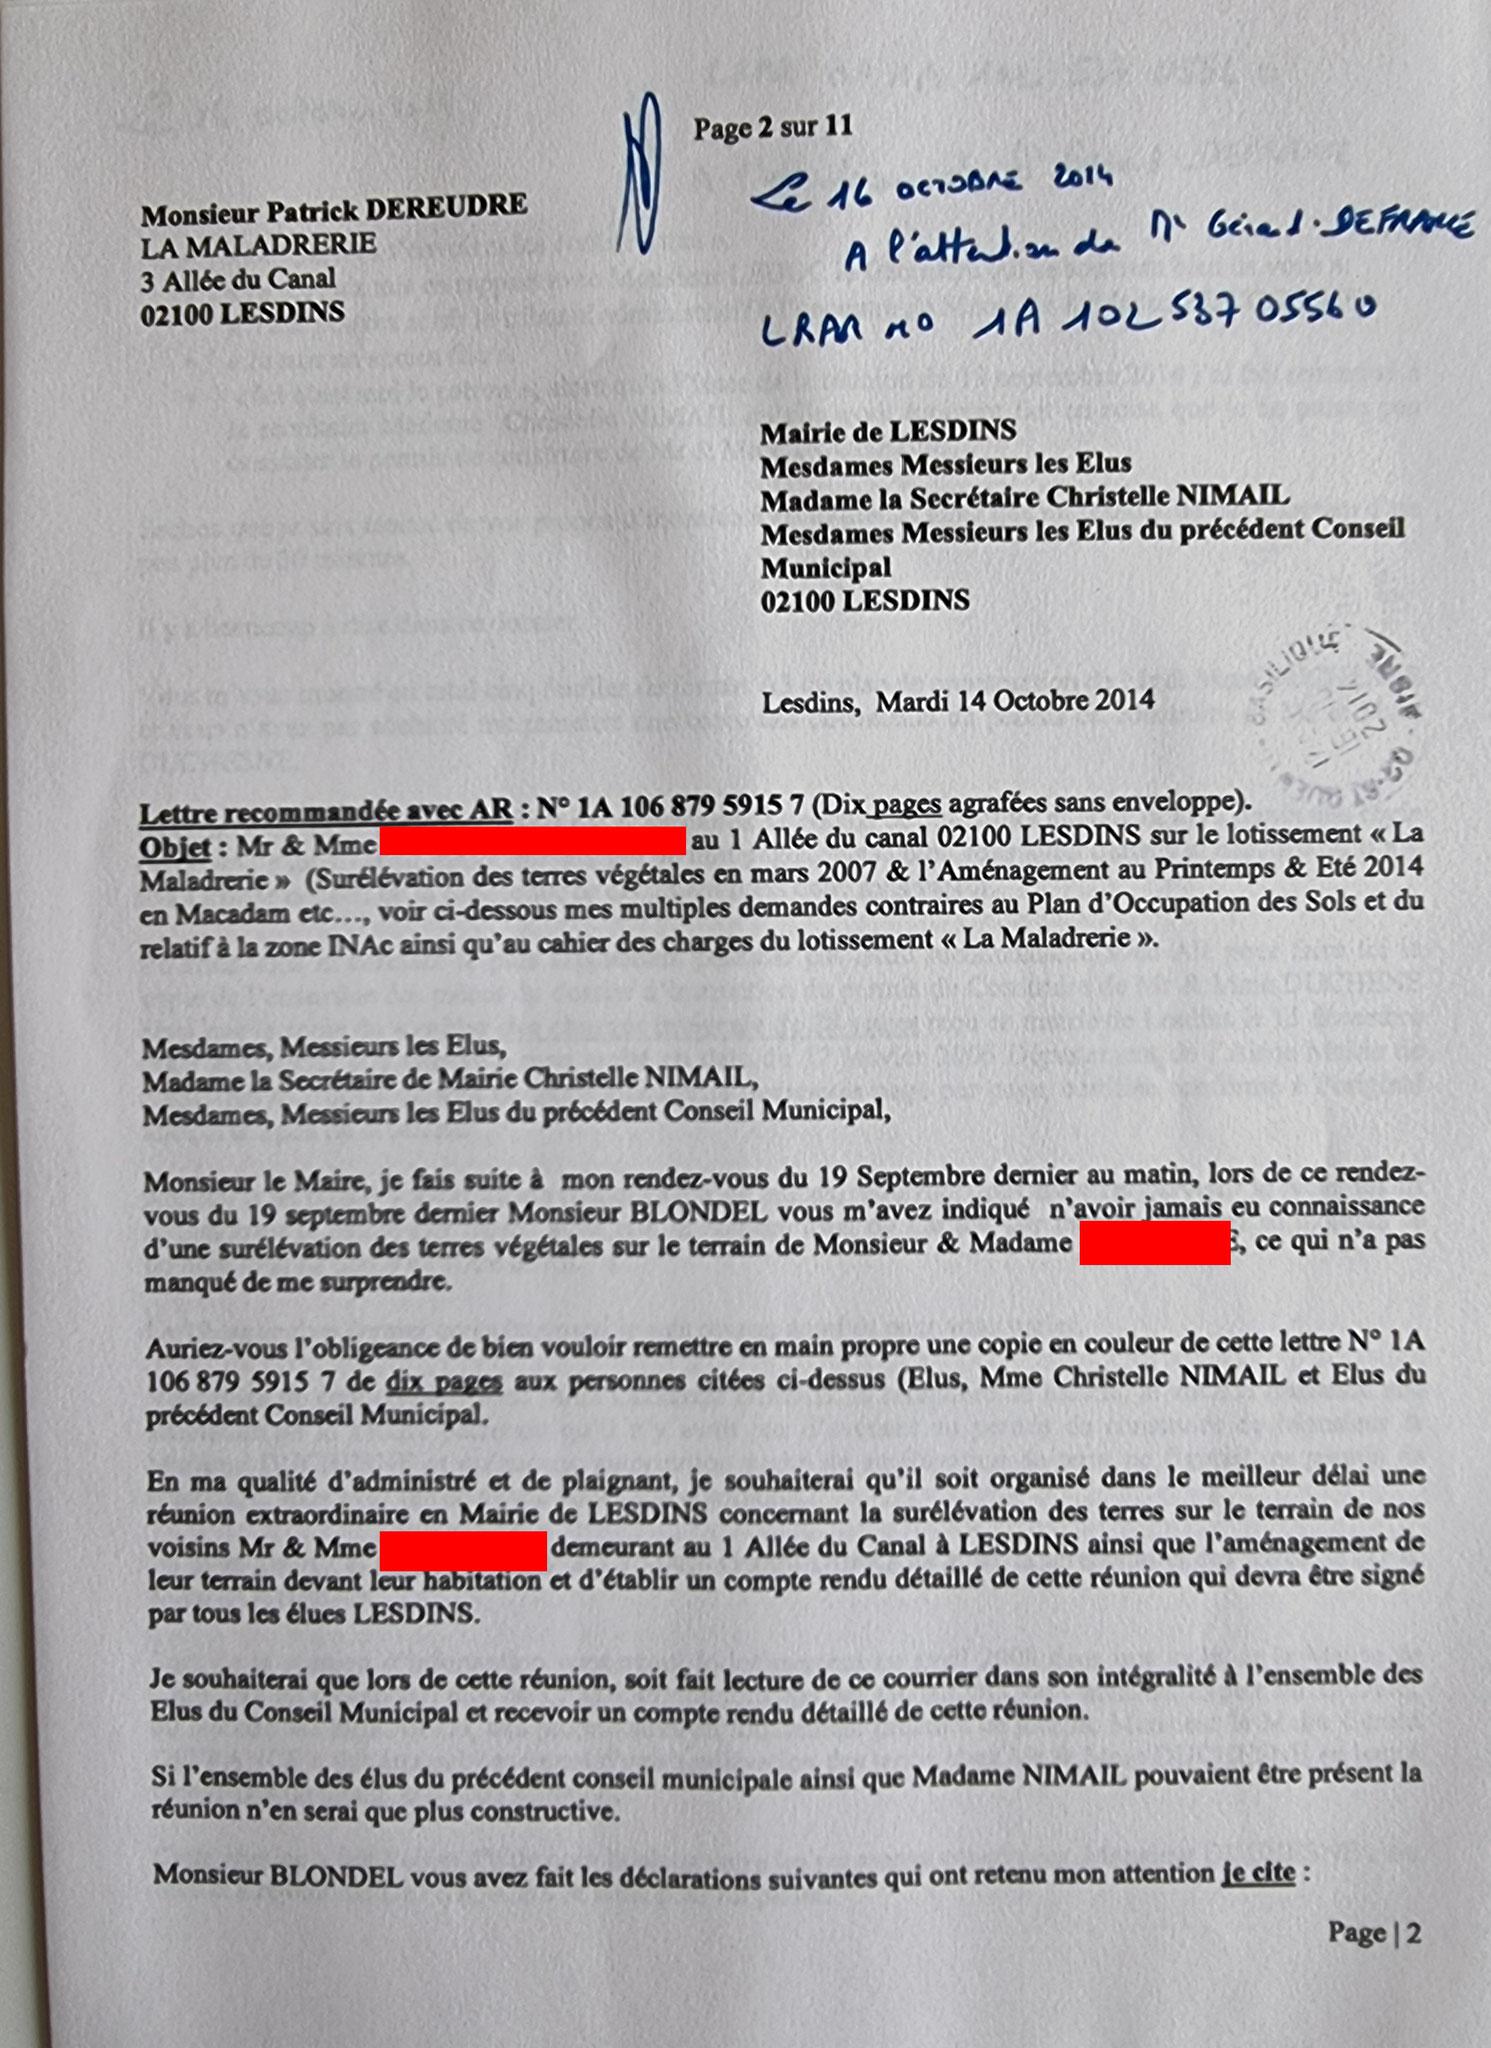 AFFAIRE MES CHERS VOISINS   Le Jeudi 16 Octobre 2014,  j'adresse une LRAR N0 1A 102 537 0556 0 de onze pages en couleurs à Monsieur Gérard DE FRANCE le Maire de LESDINS en 2006, 2007...  www.jenesuispasunchien.fr www.jesuispatrick.fr www.jesuisvictime.fr